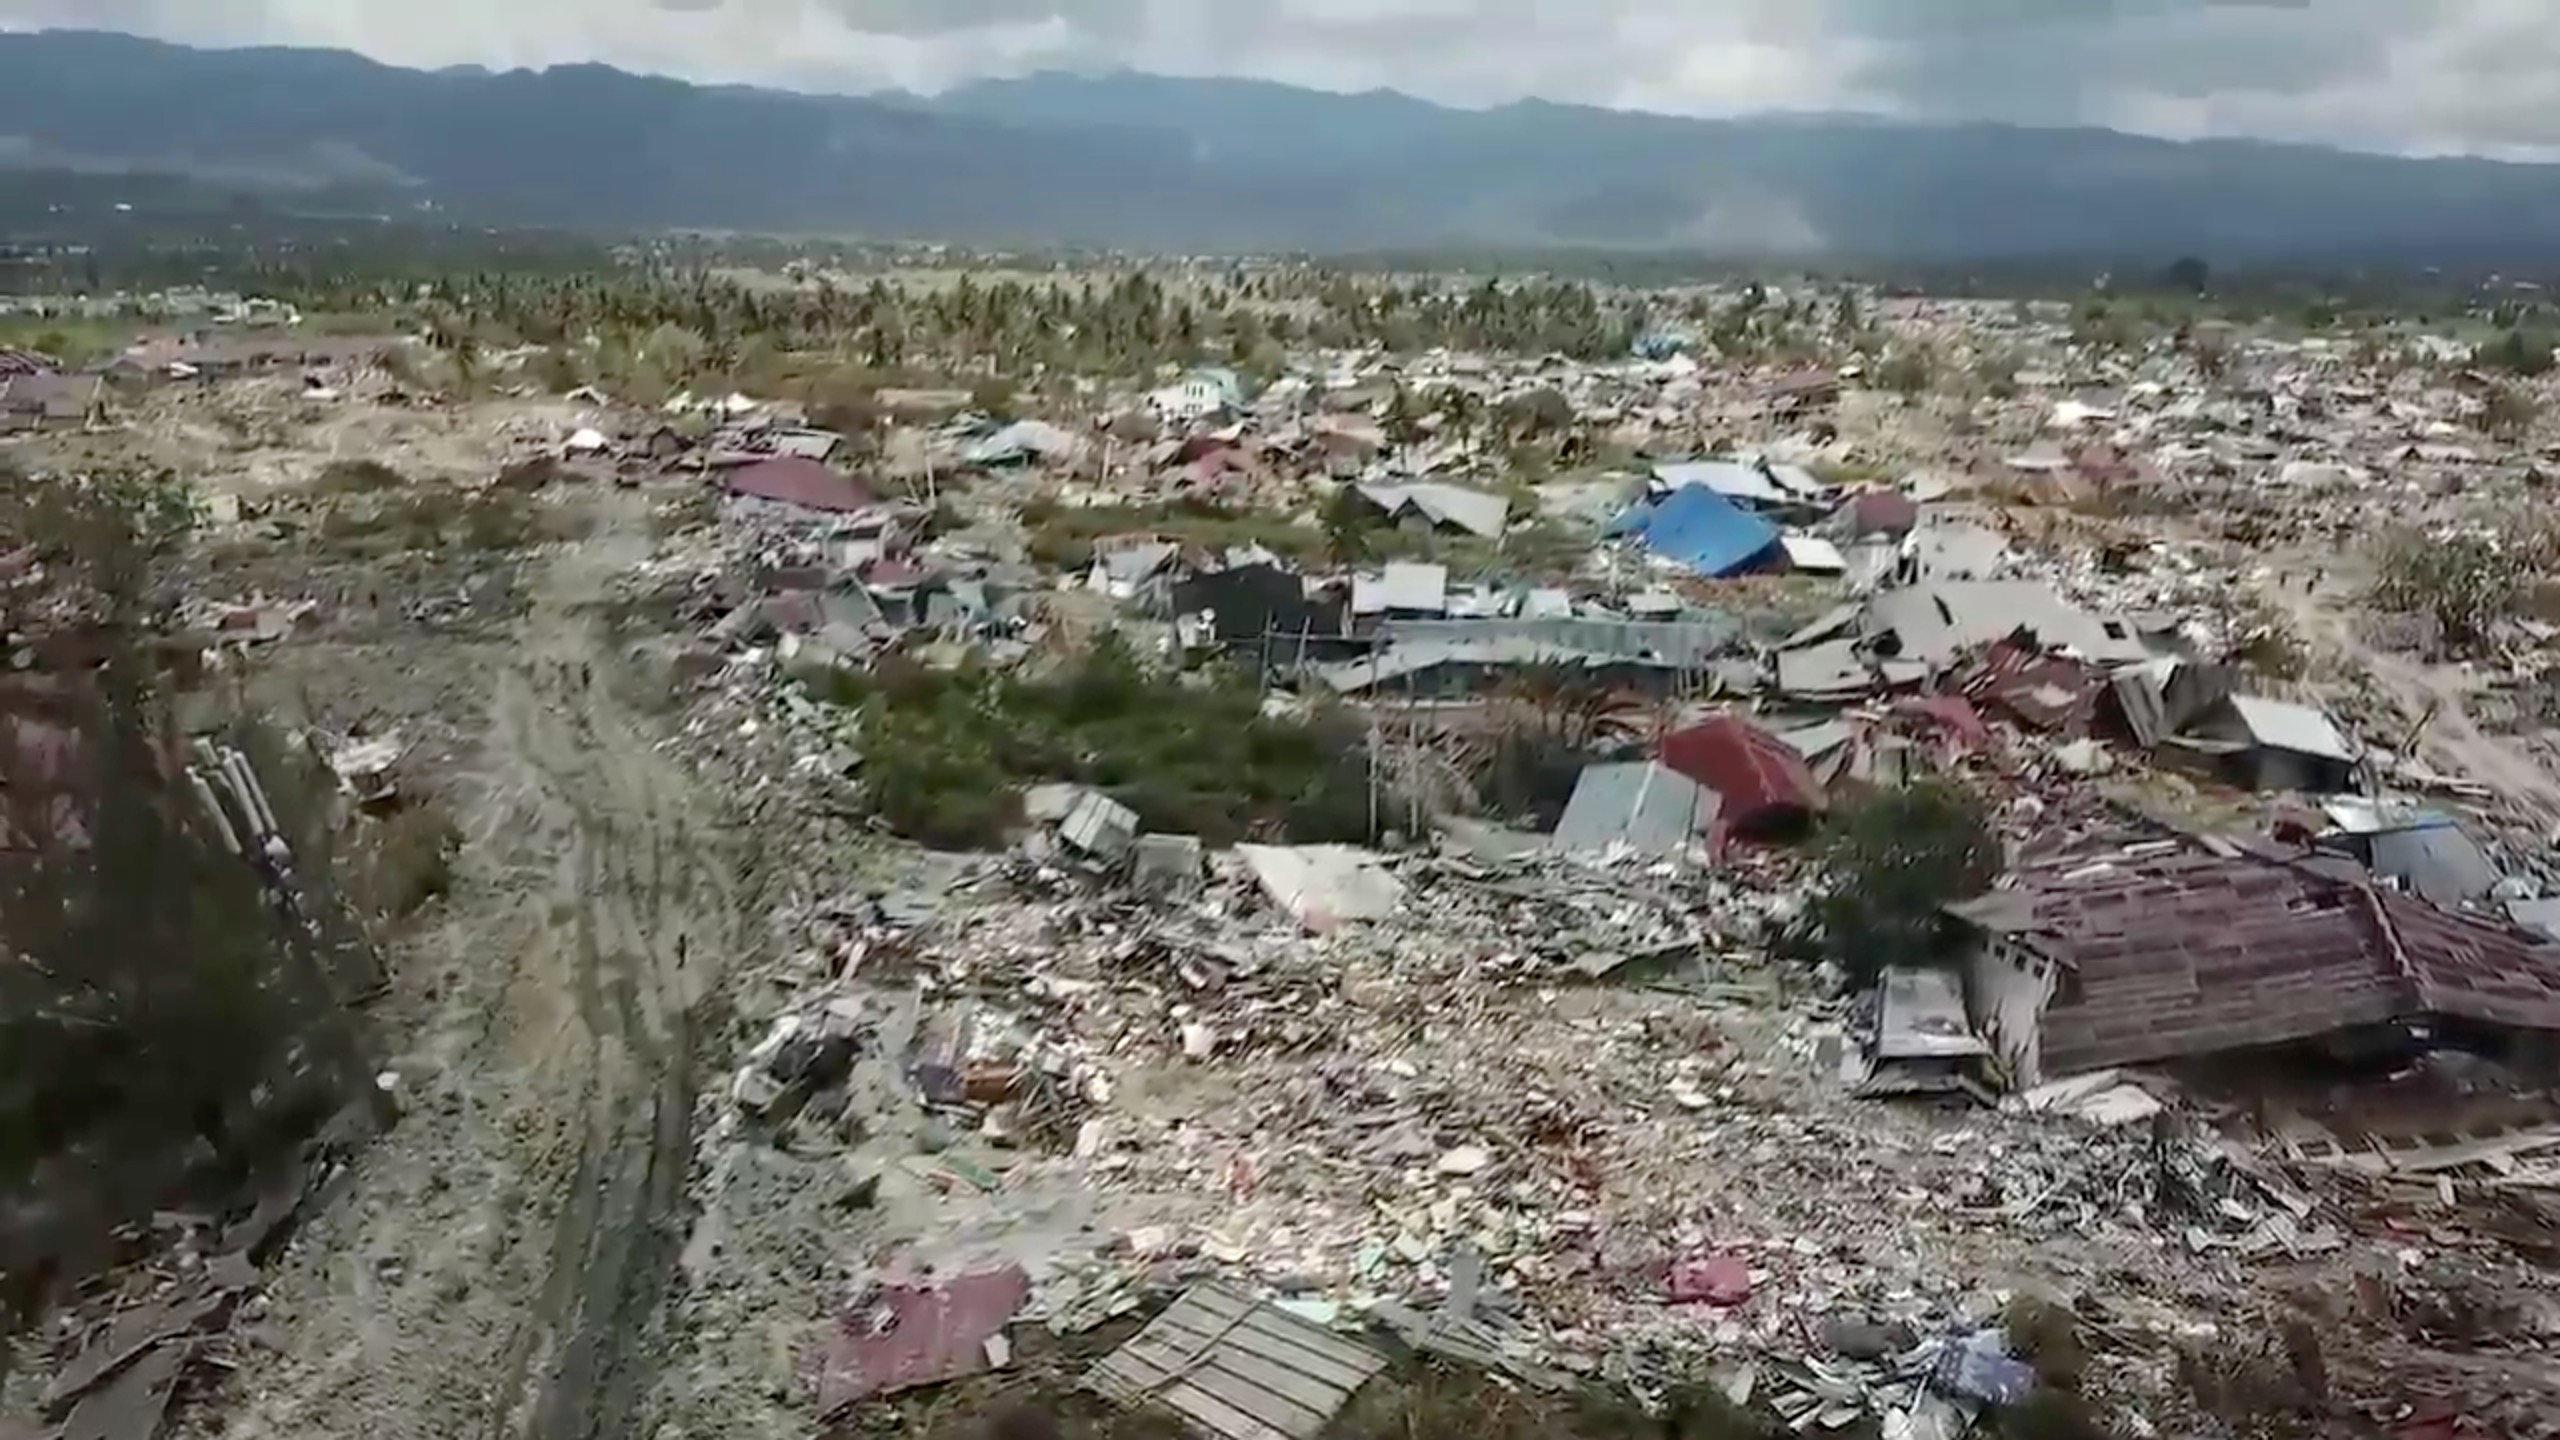 Asiatisk tsunami-foto - Xxx sexbilleder-9280